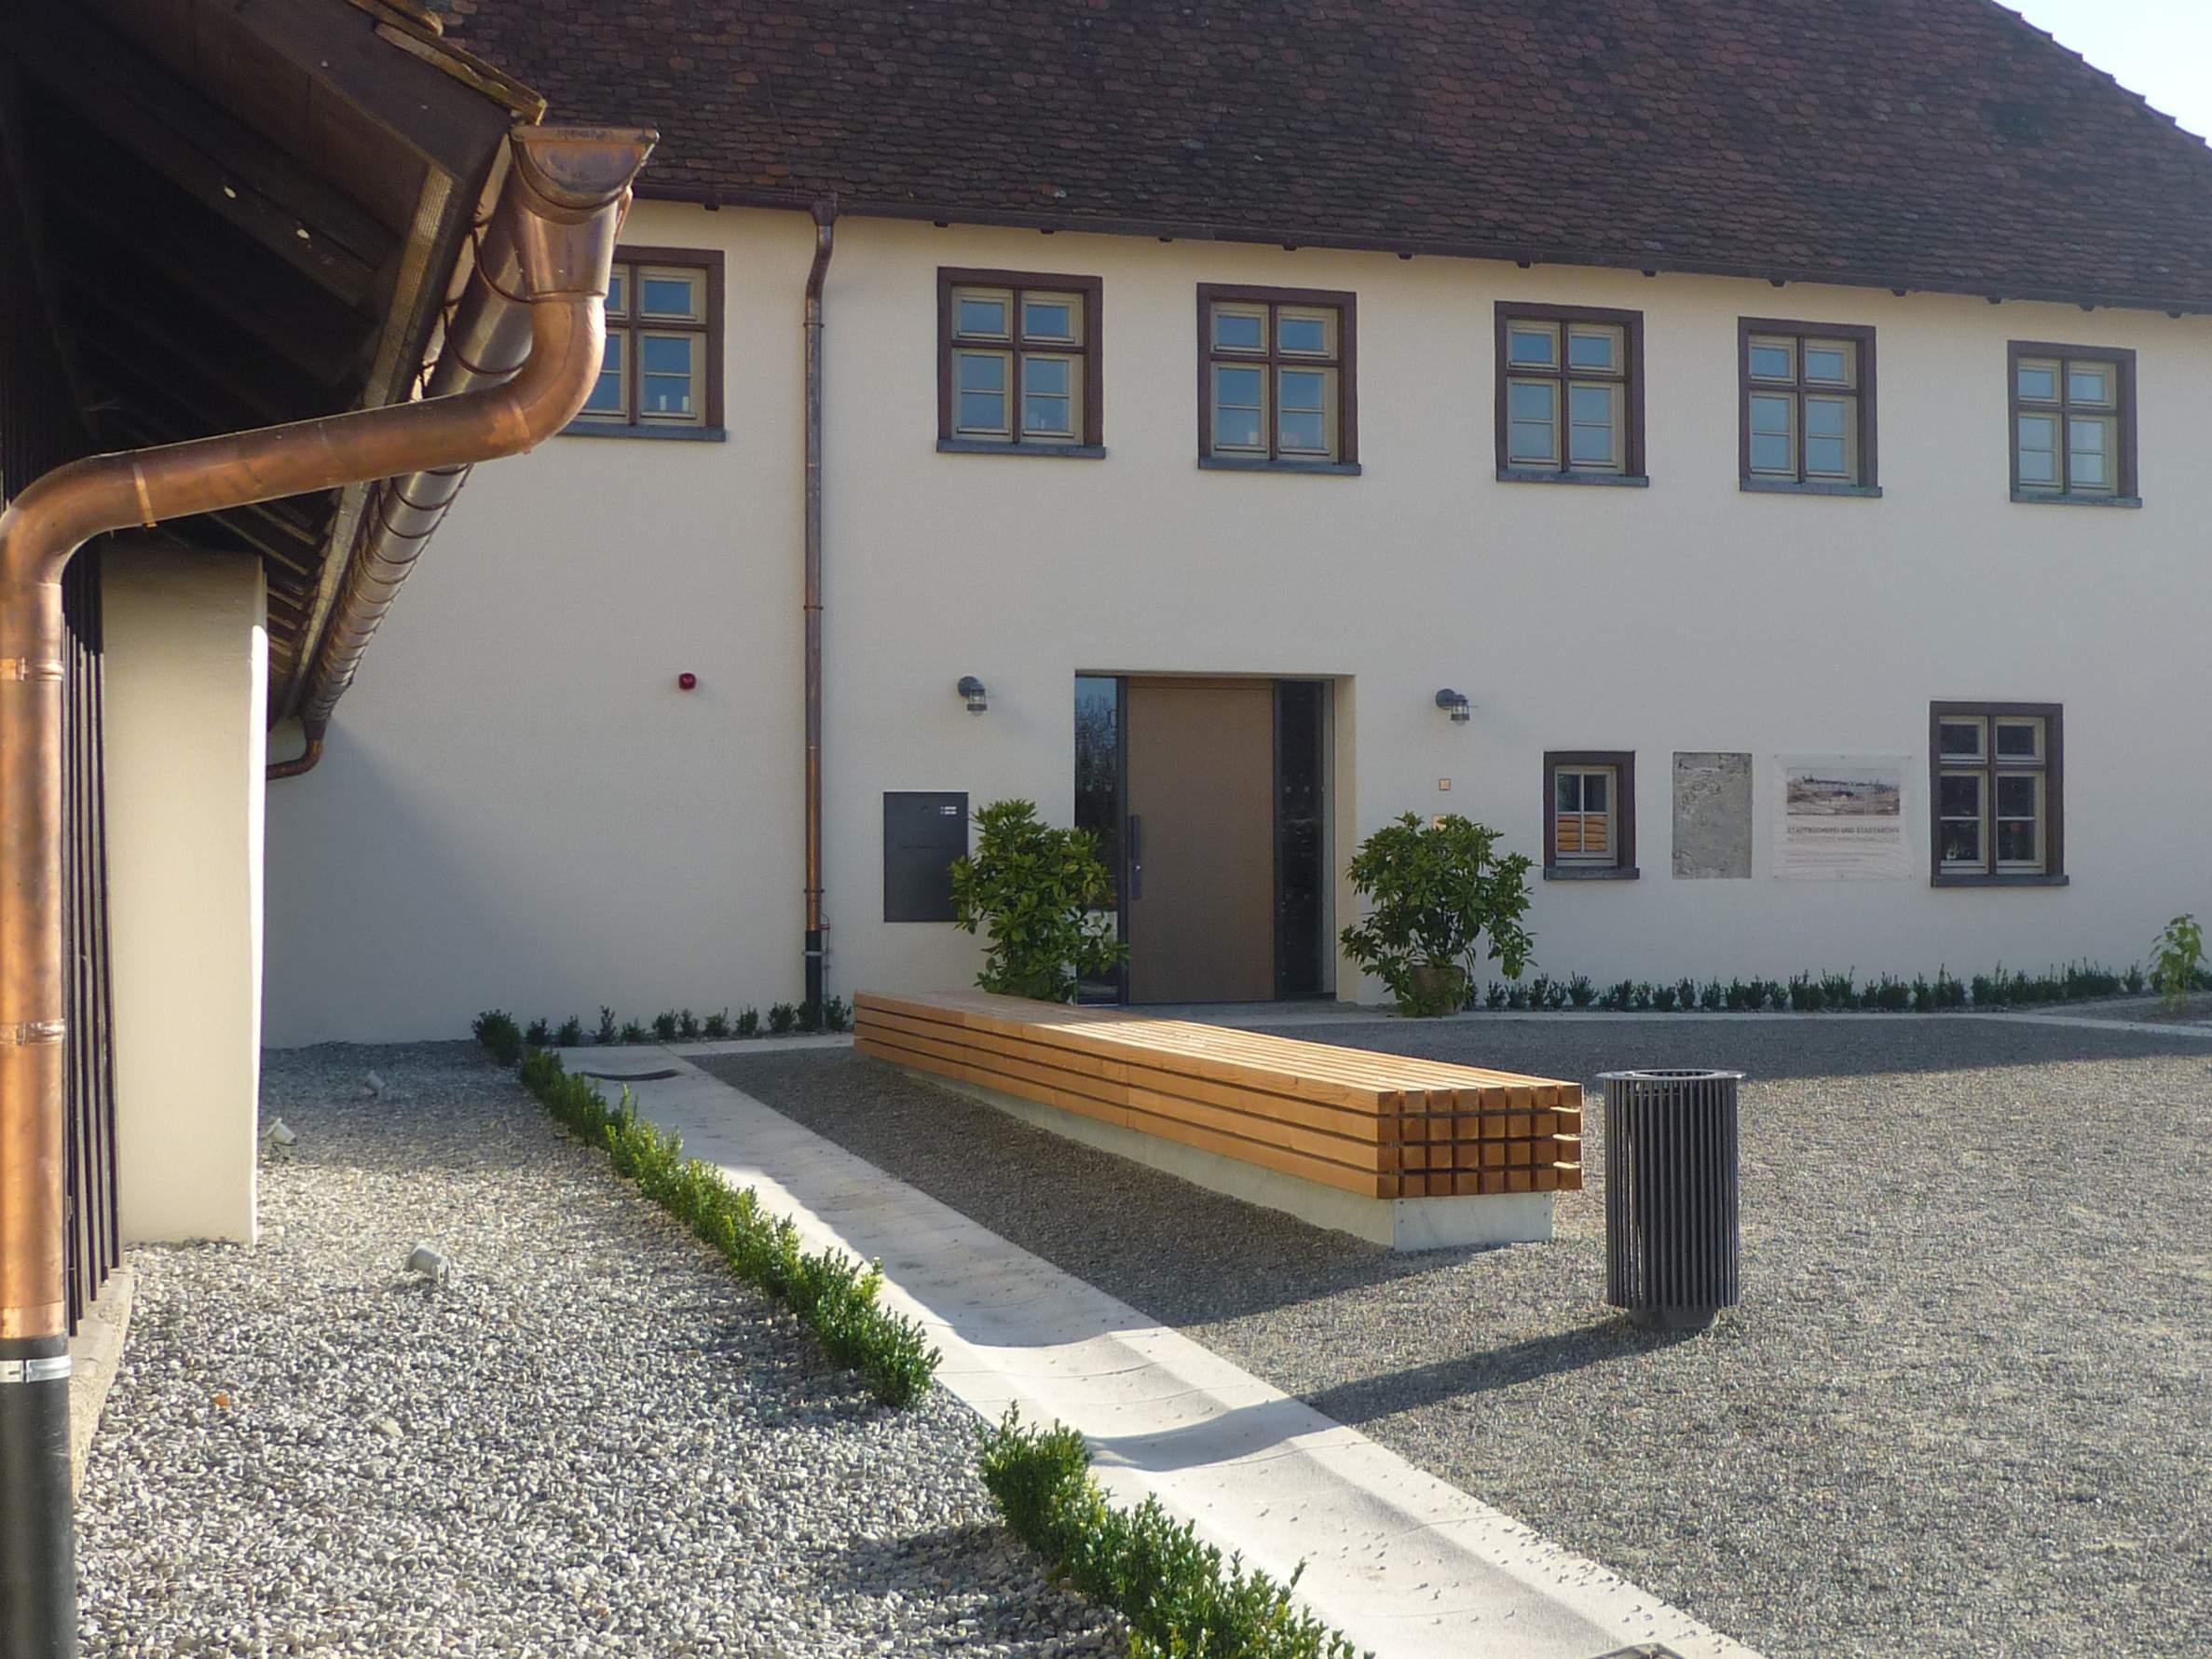 Kloster Riedlingen